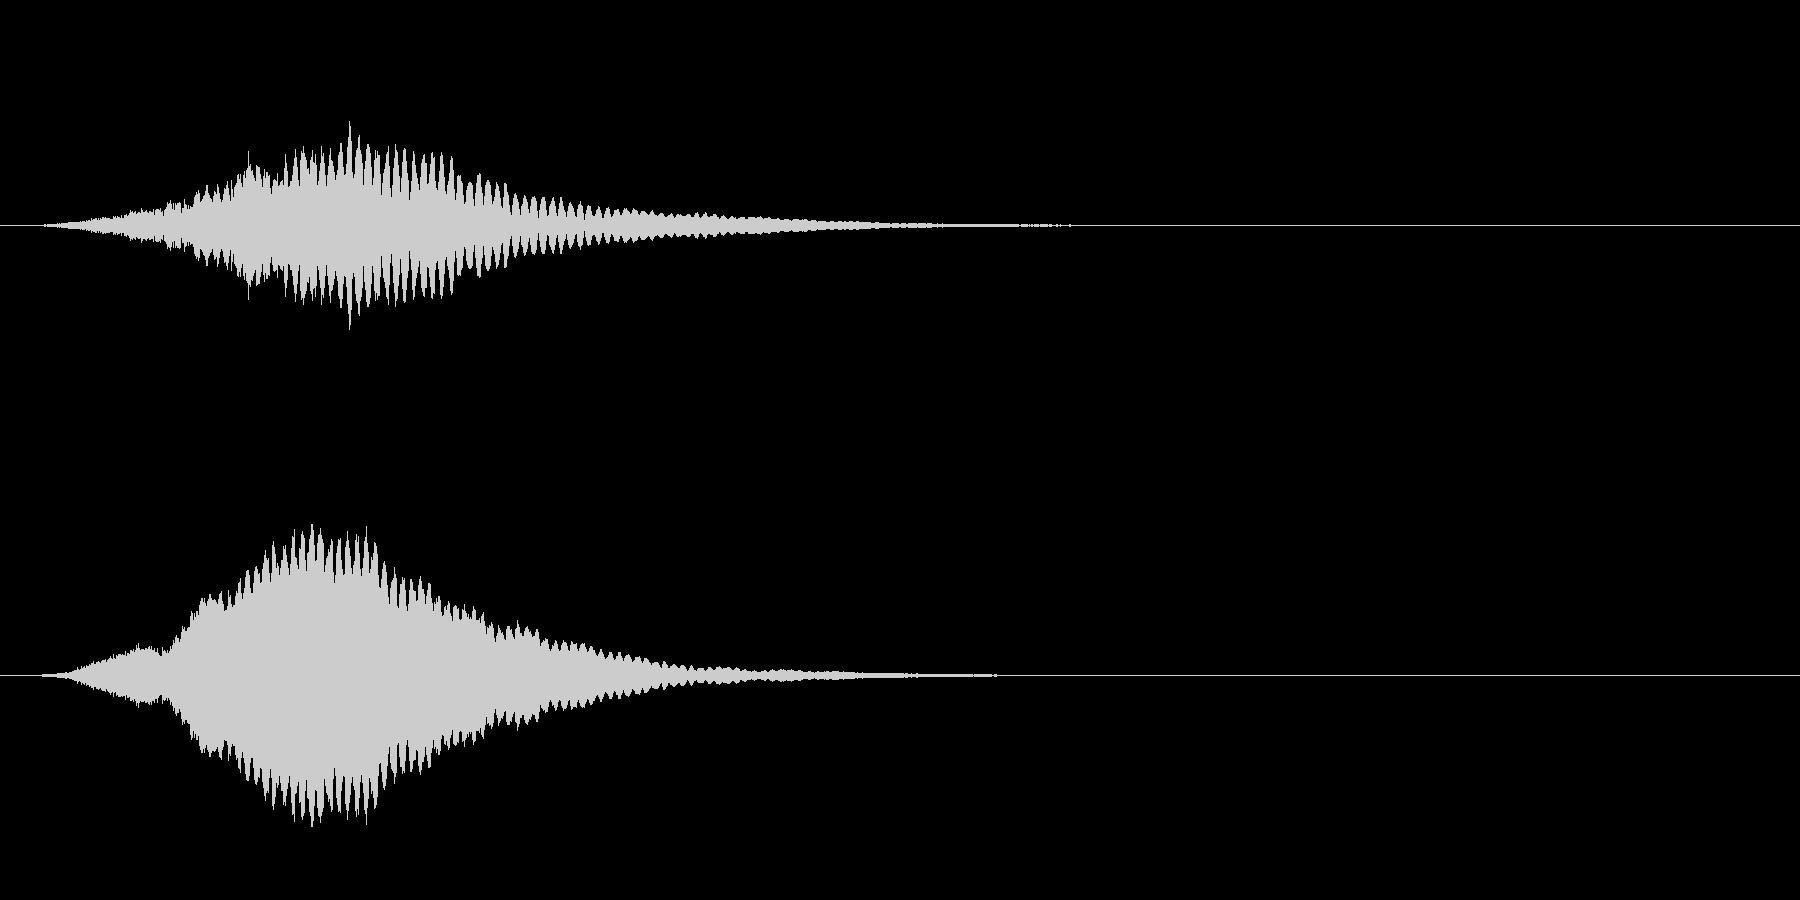 高シャープリンギングトーンスティンガーの未再生の波形